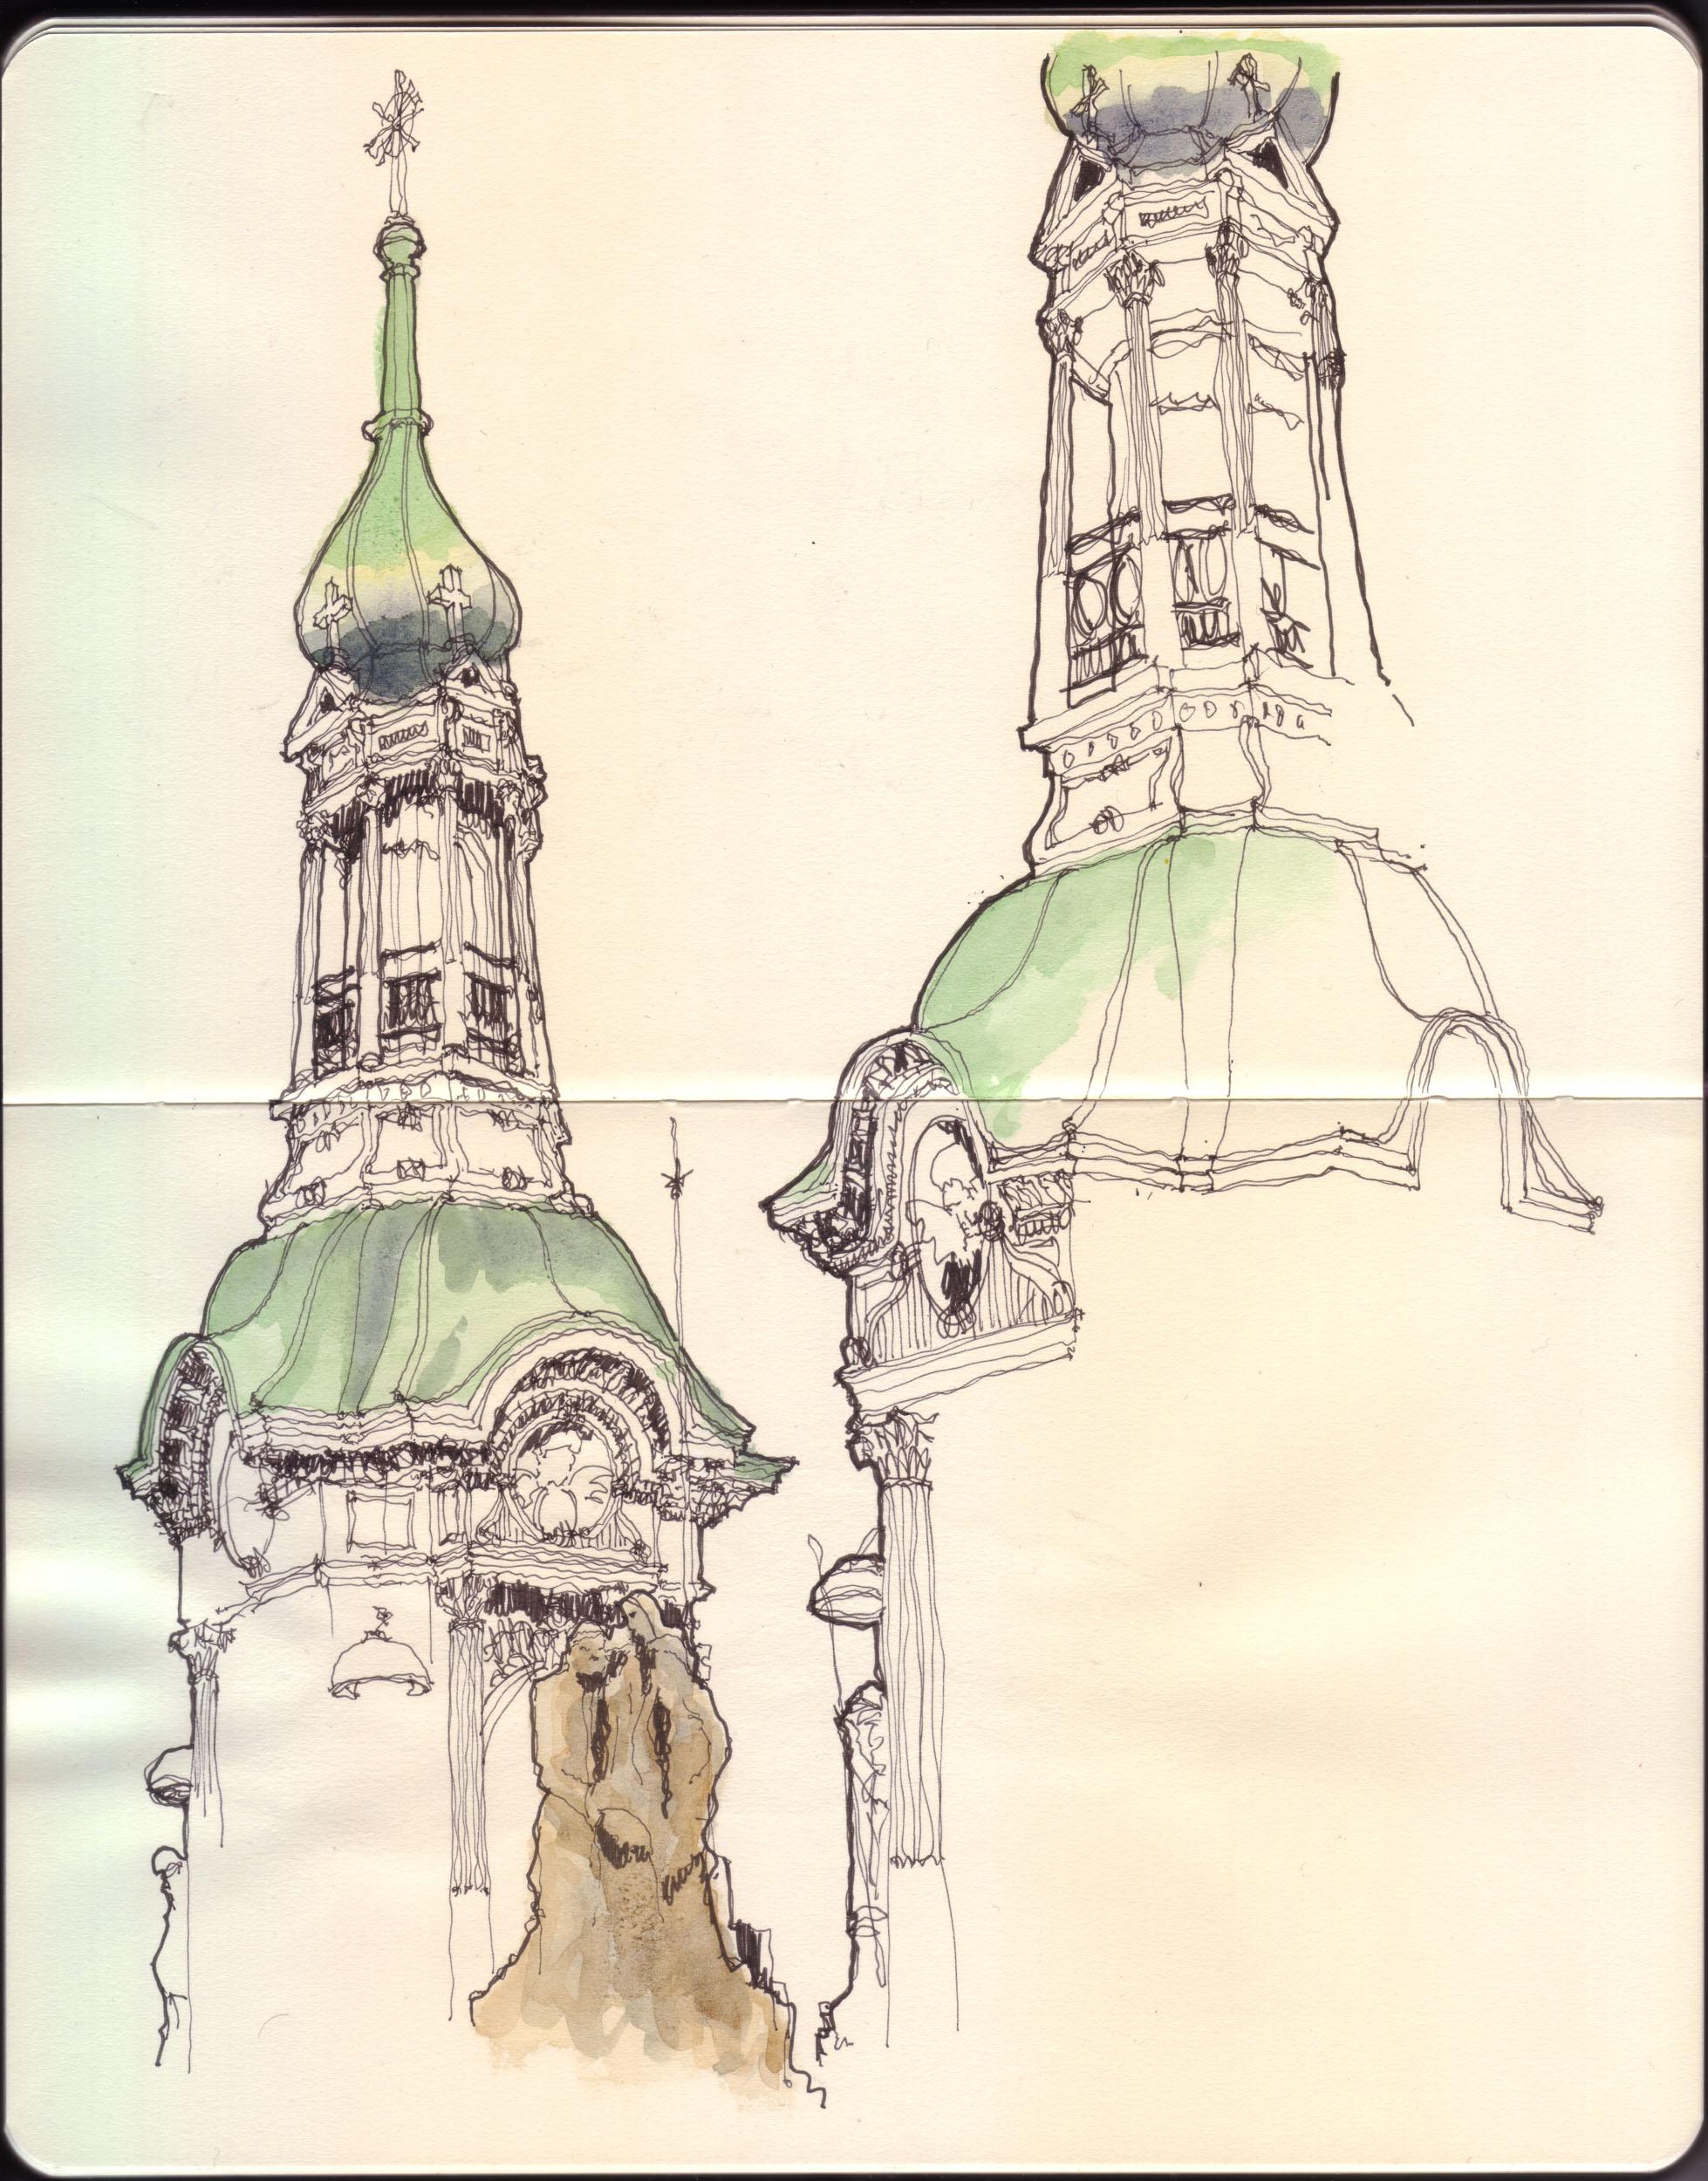 Museo de la Ciudad / City Museum: